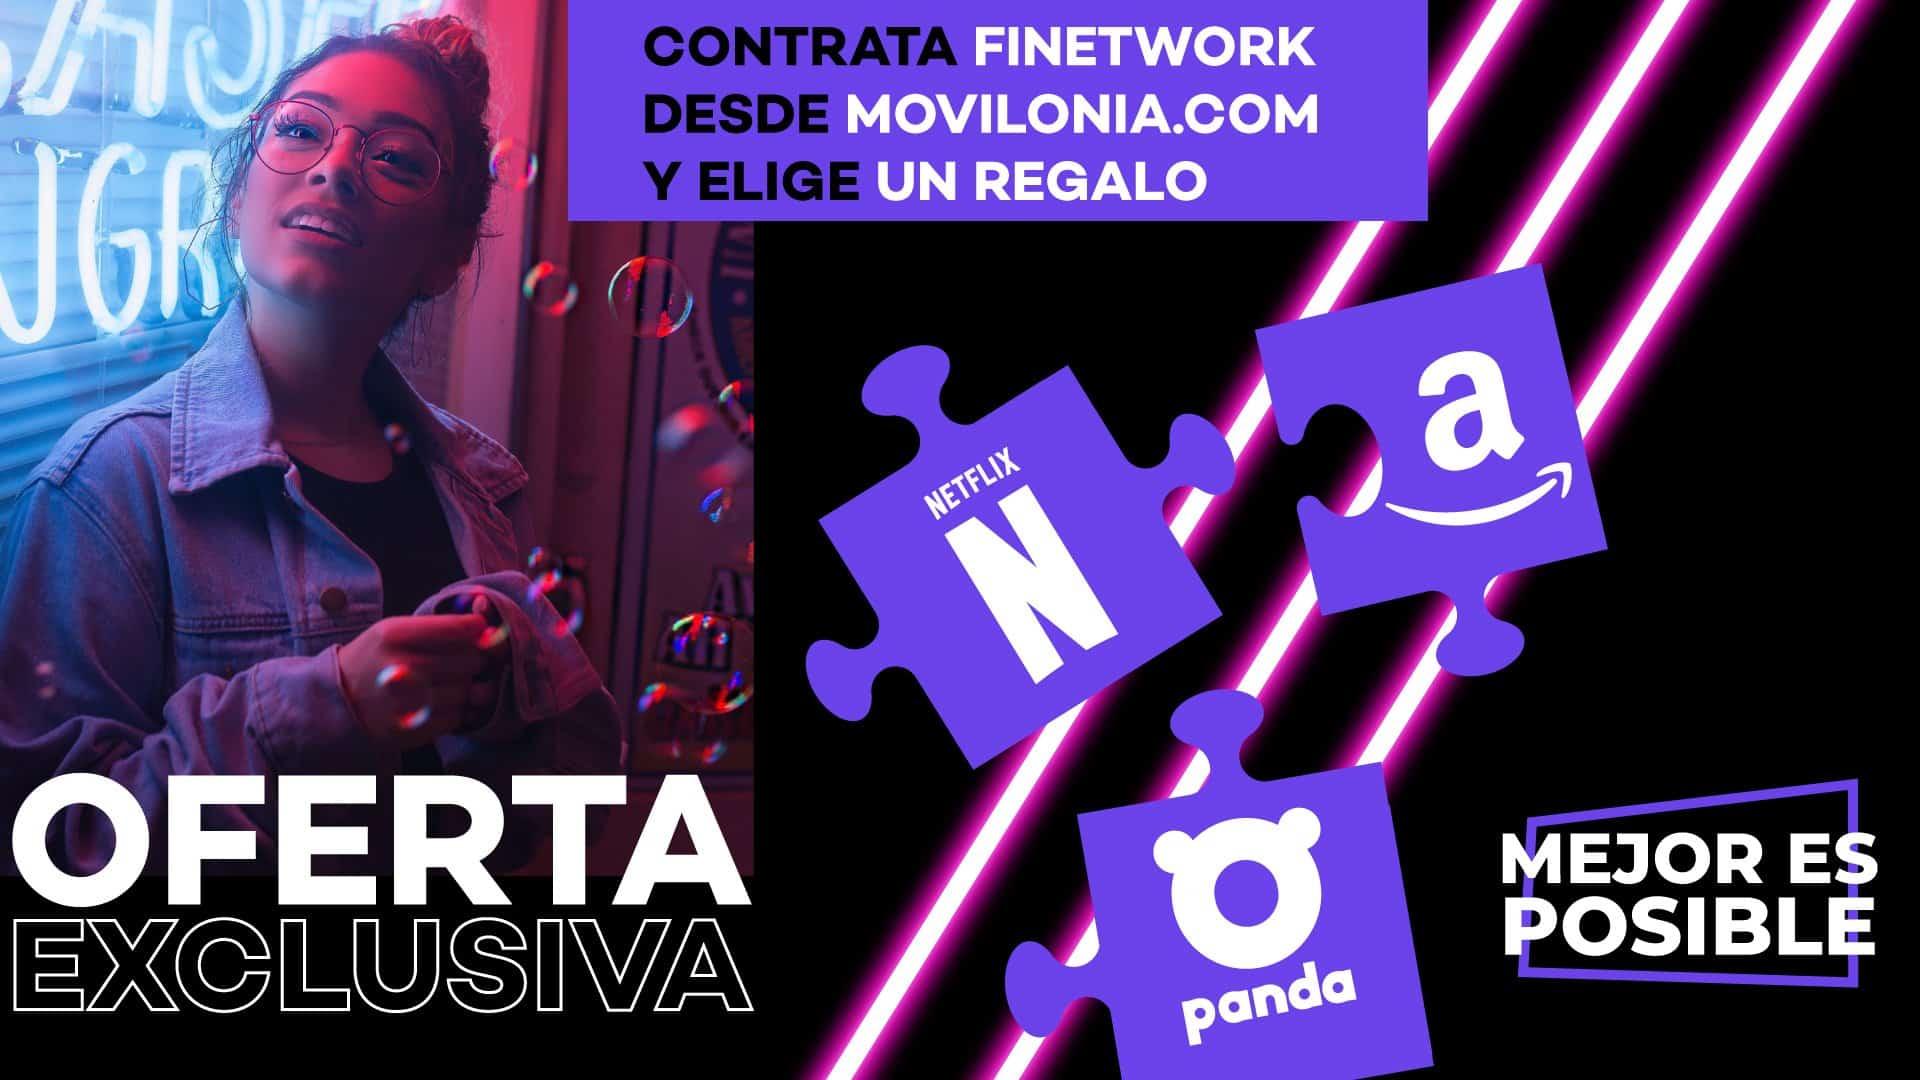 oferta especial de Finetwork y Movilonia.com